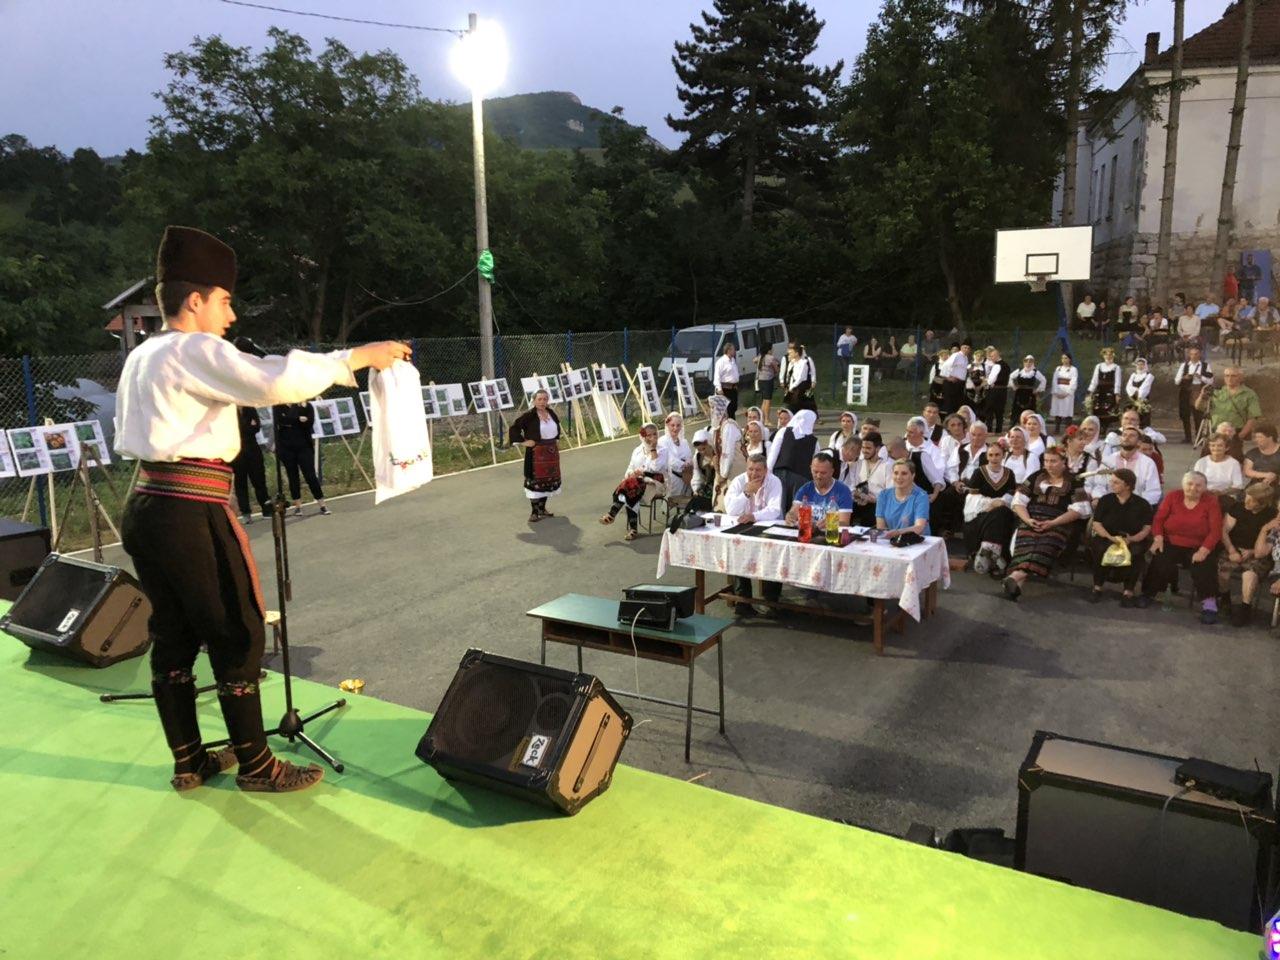 Održana manifestacija ,,Neka živi selo naše'' u Prekonogi 1